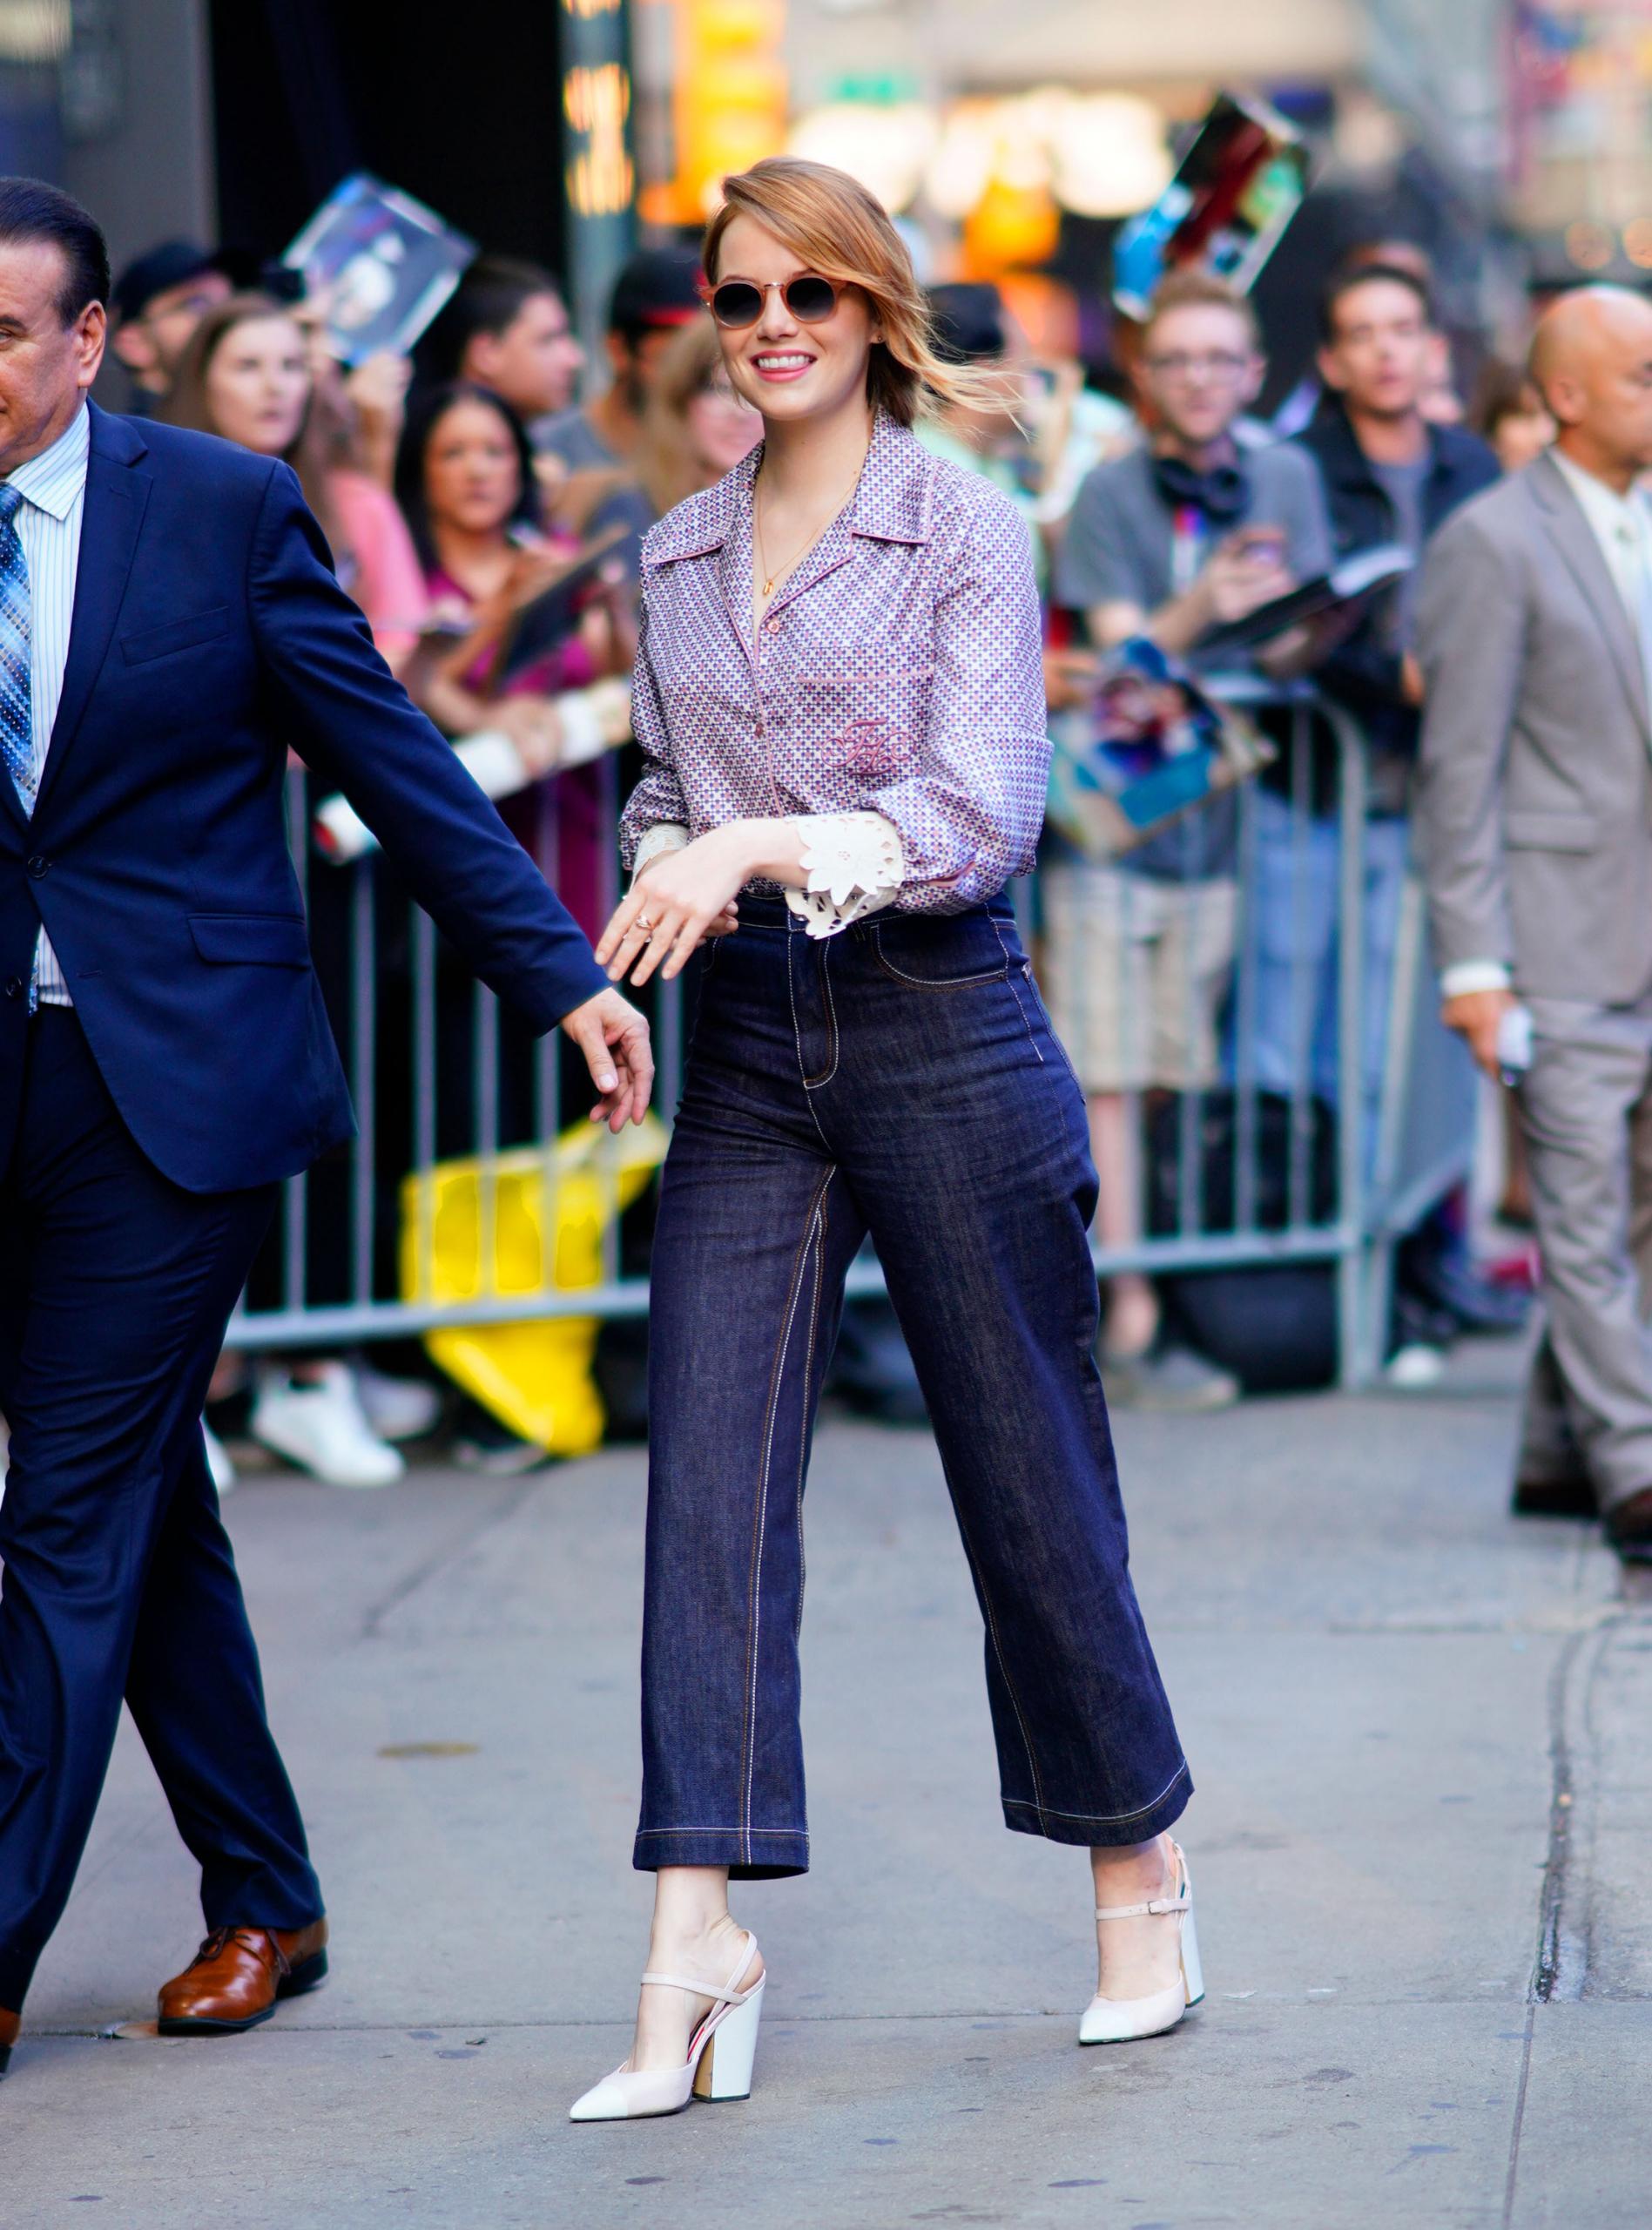 Πώς θα φορέσεις το pyjama shirt; Η Emma Stone έκανε τον τέλειο συνδυασμό για το φθινόπωρο.